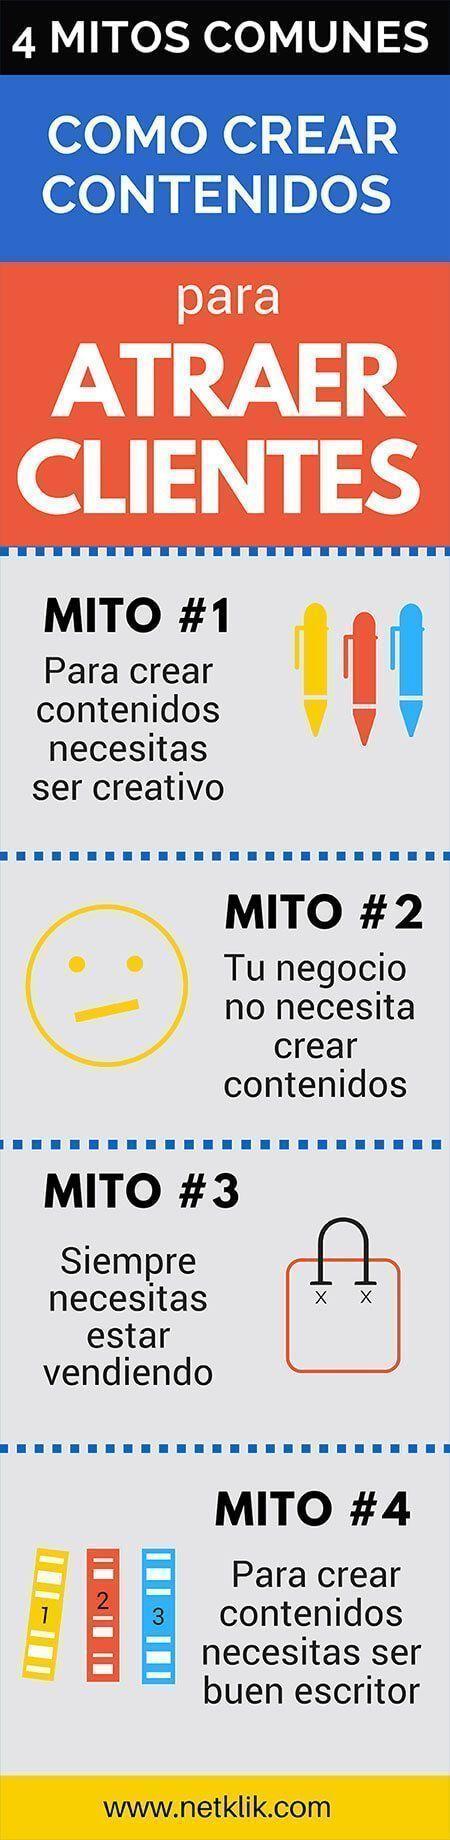 Cómo crear contenidos para atraer clientes: 4 mit…